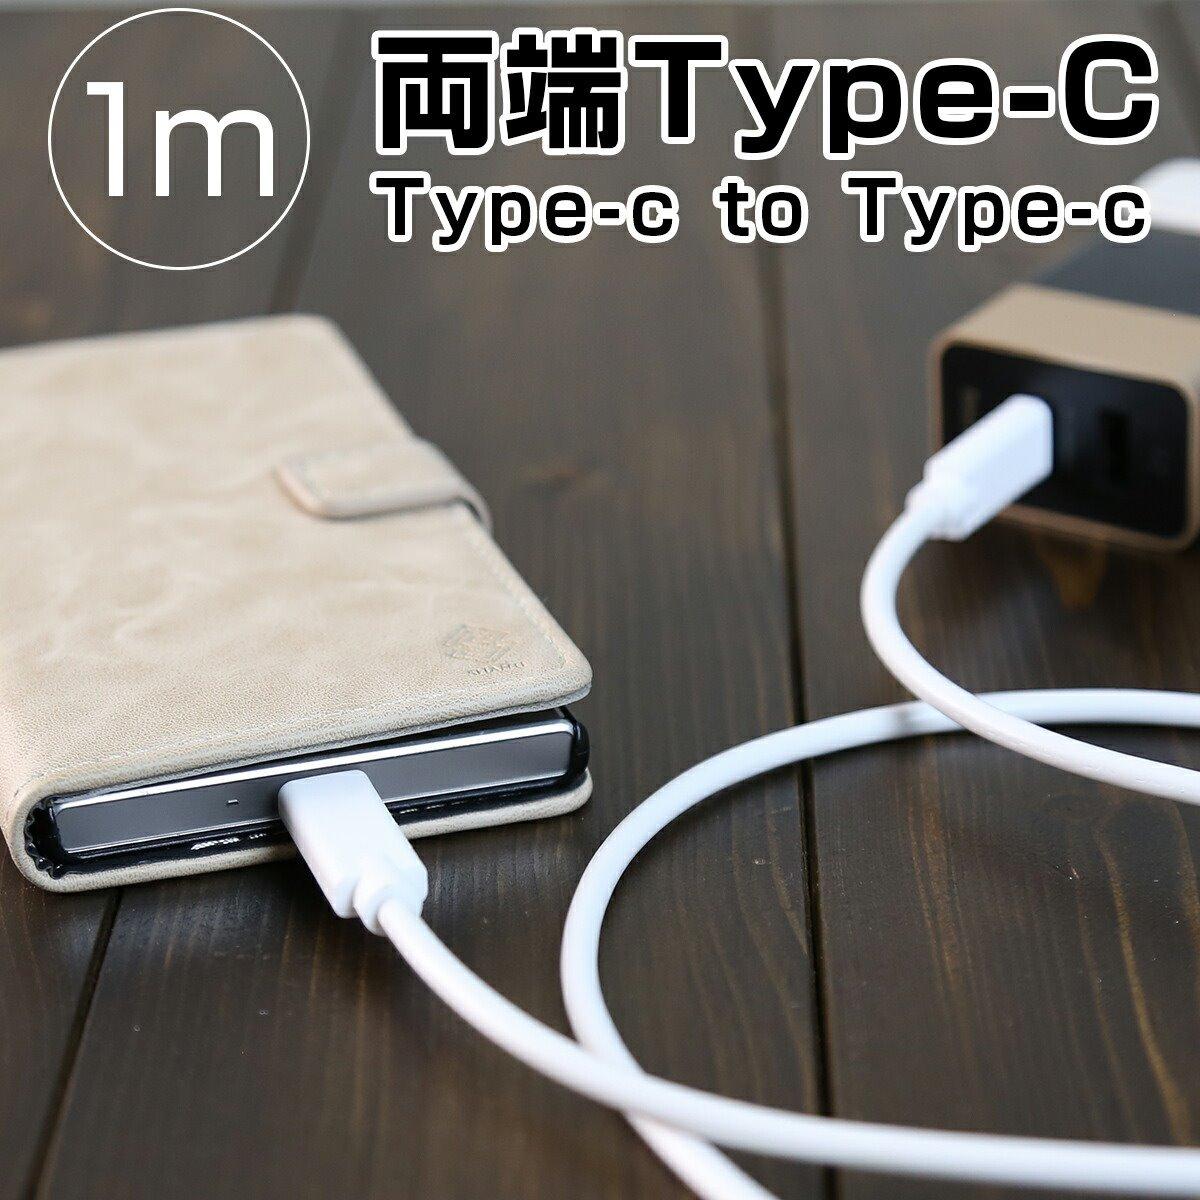 メール便送料無料 USB type-c 両端Type-Cケーブル 送料無料 タイプC 充電ケーブル エクスペリア Xperia ゼンフォン 超激安特価 ZenFone4Pro XZ1コンパクト ニンテンドースイッチ ノバ2 XZ1 ZenFone4 nova2 定価 HUAWEI ファーウェイ ZenFone